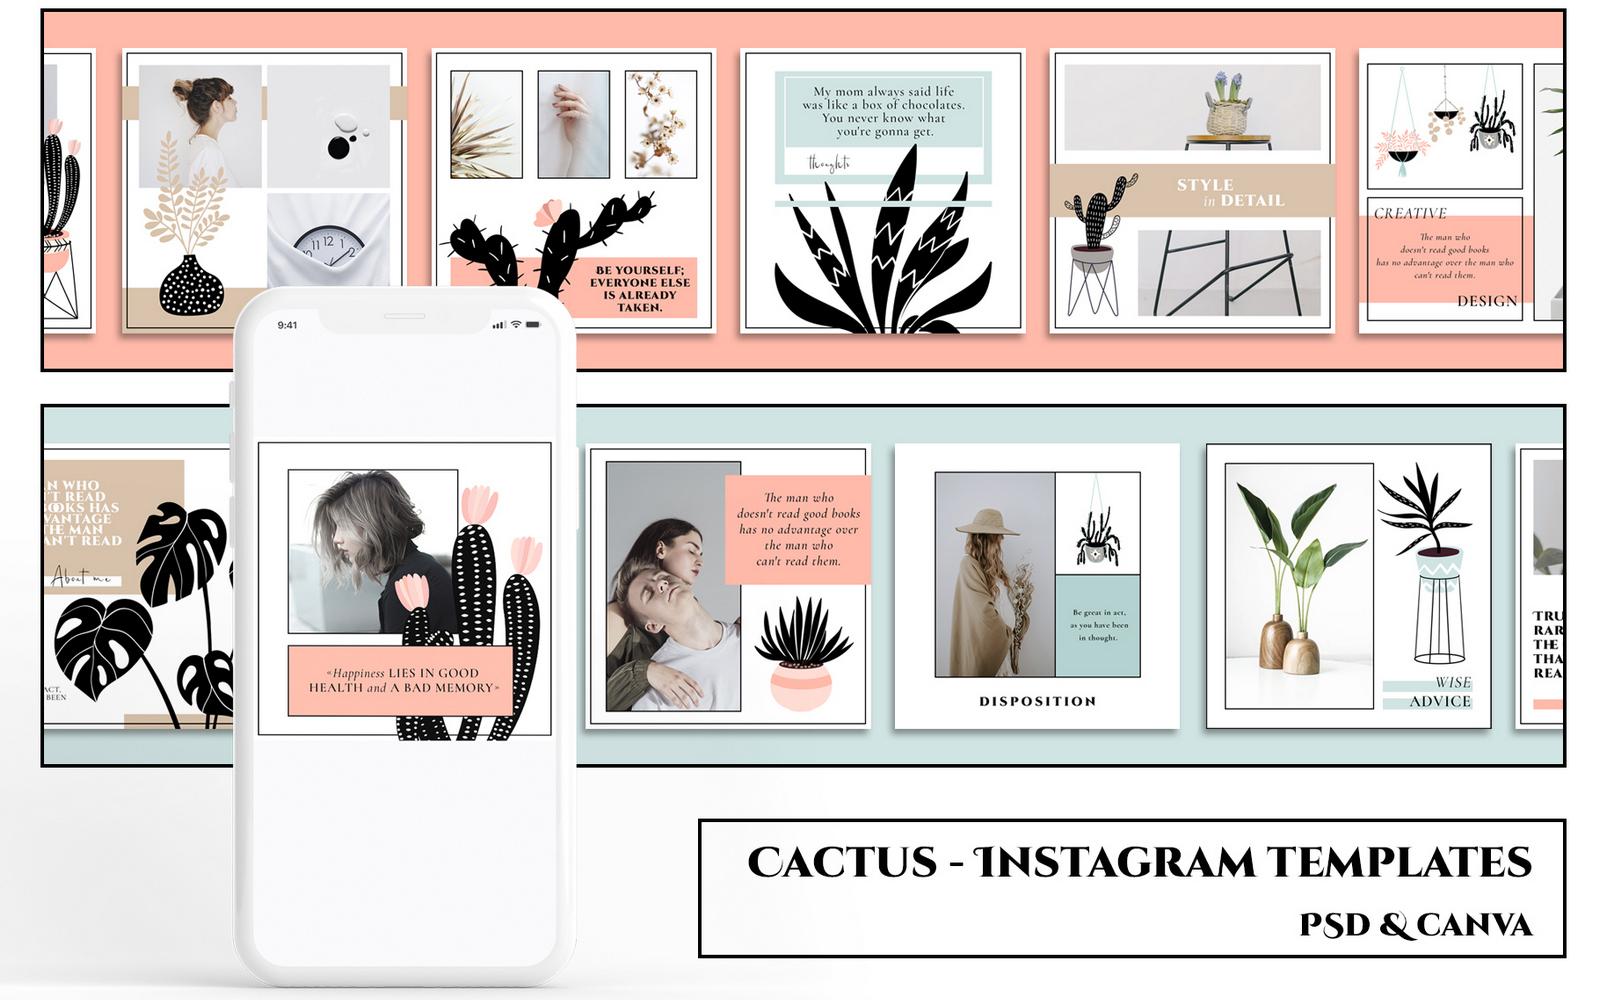 CACTUS - Instagram Templates Social Media